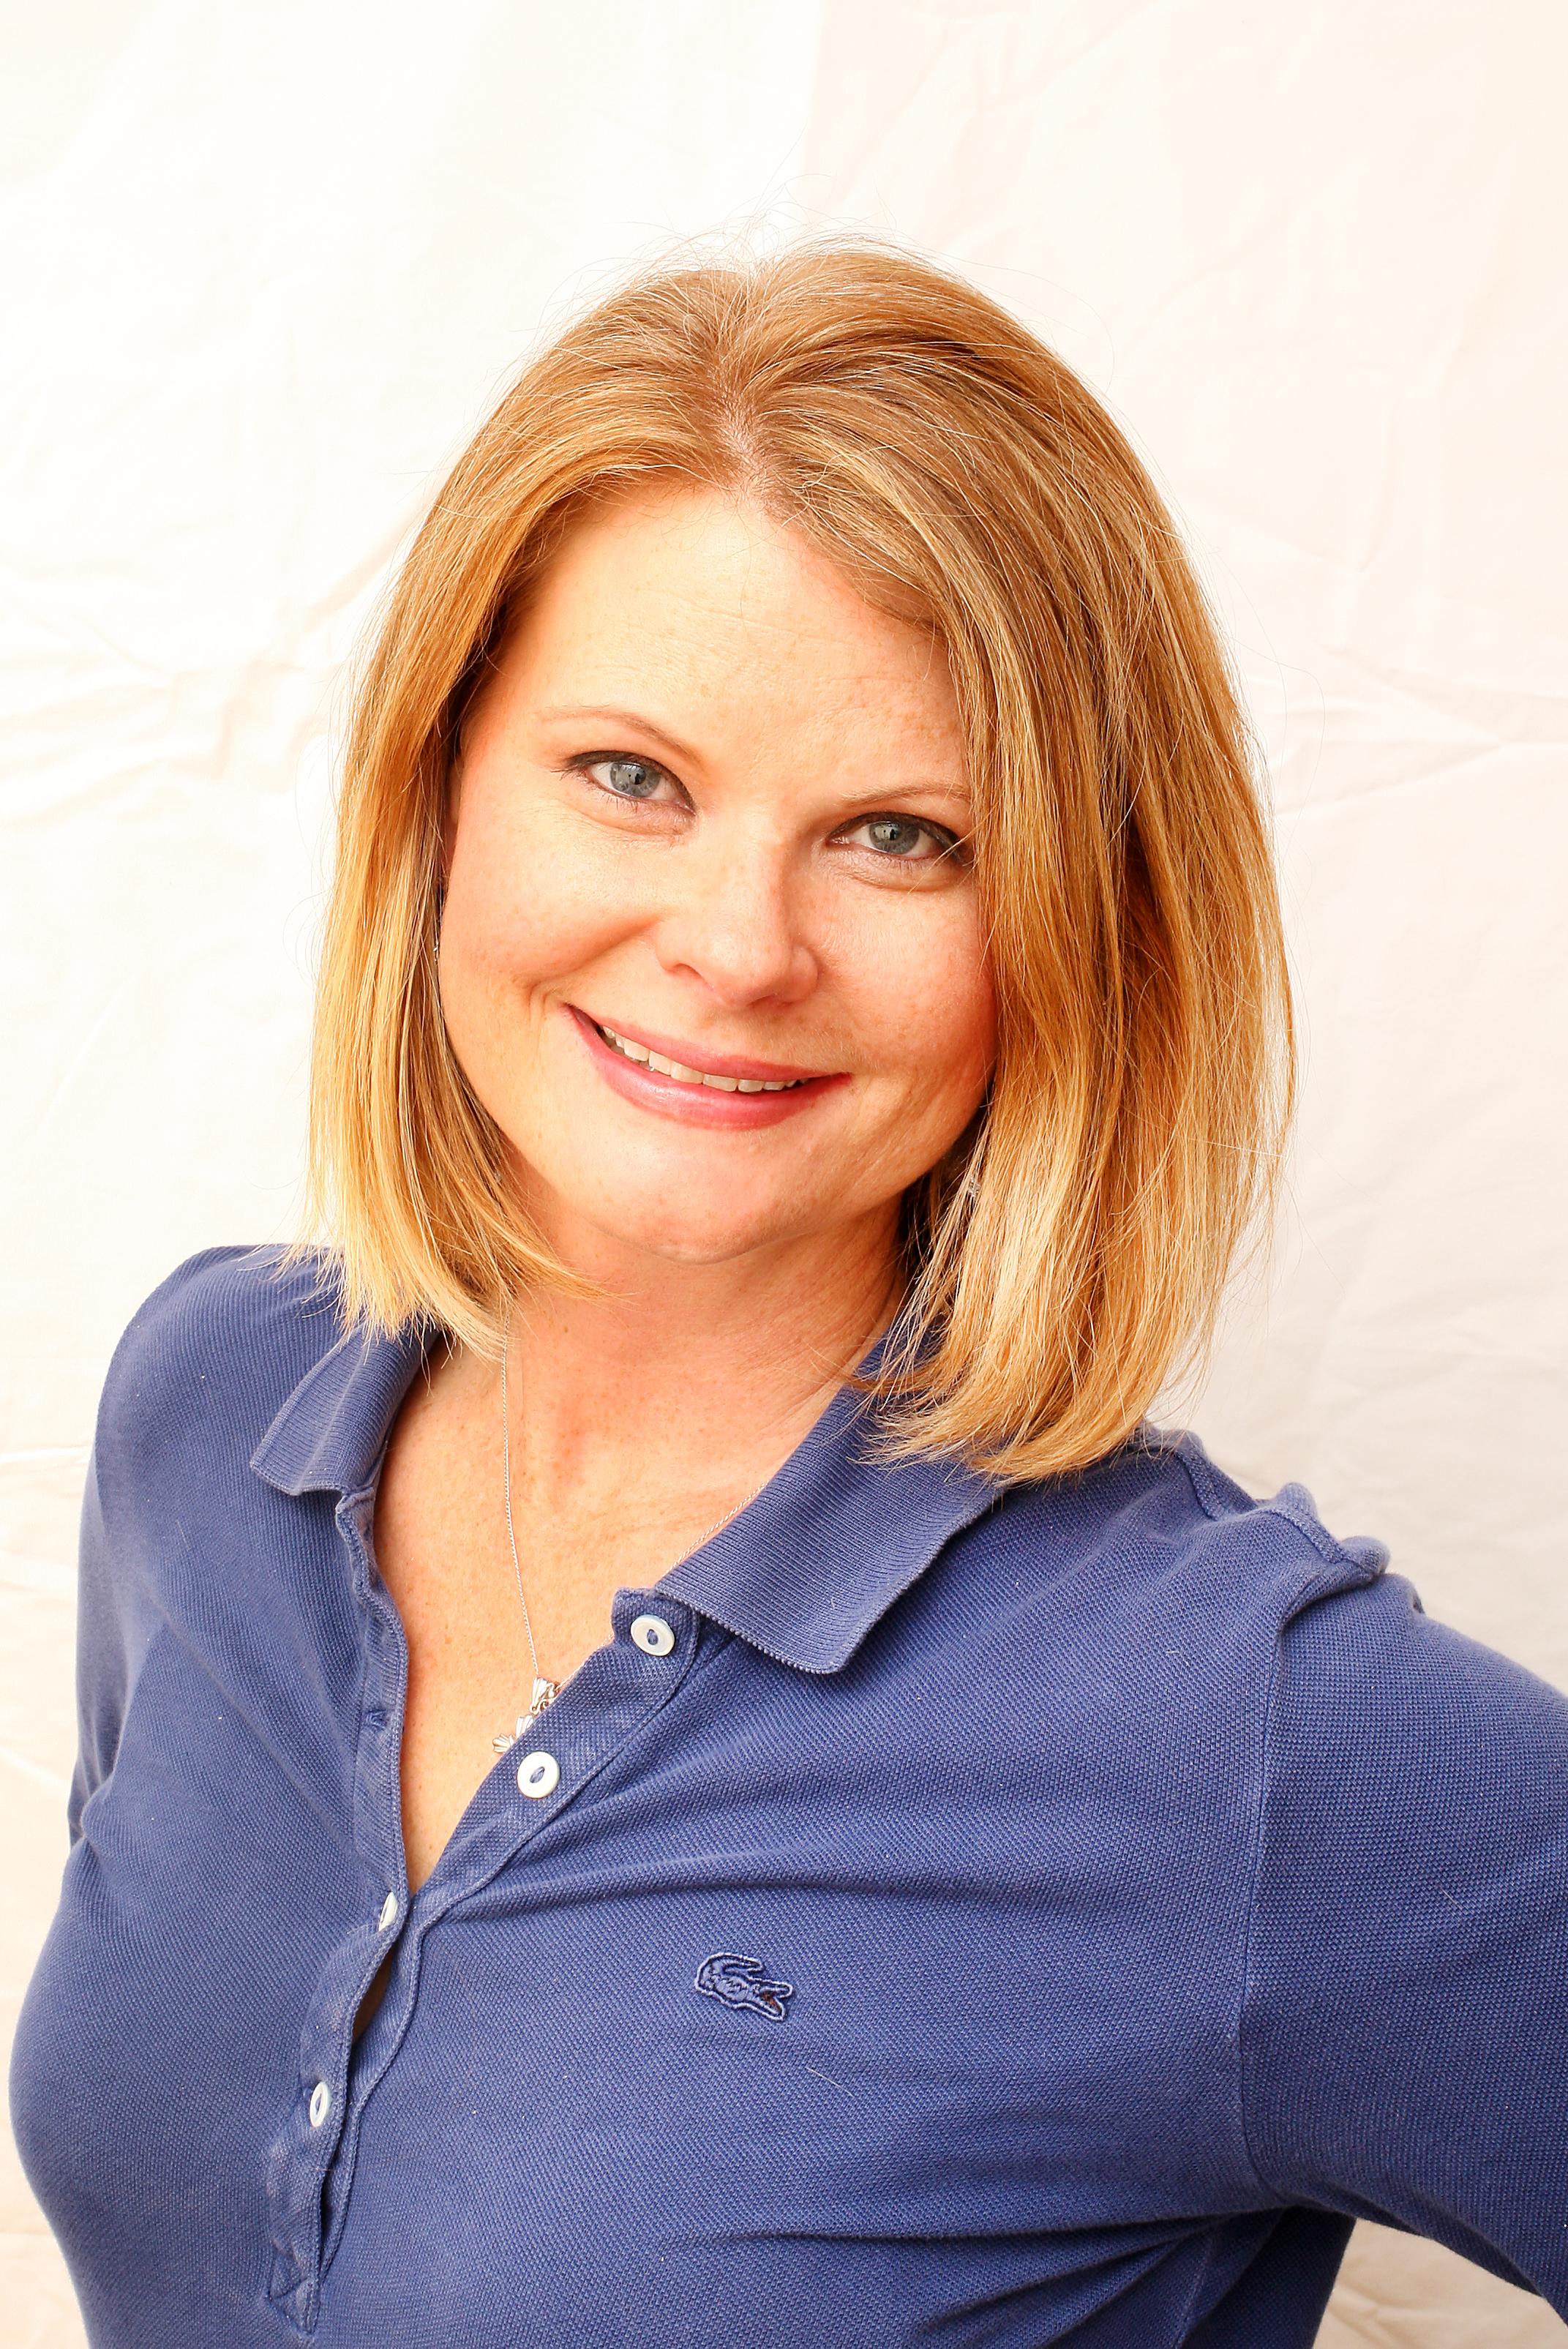 11/03/14--Marco Island, FL--Beth Ann Nichols - Staff mugs at Editorial Retreat..-(Golfweek/Tracy Wilcox)